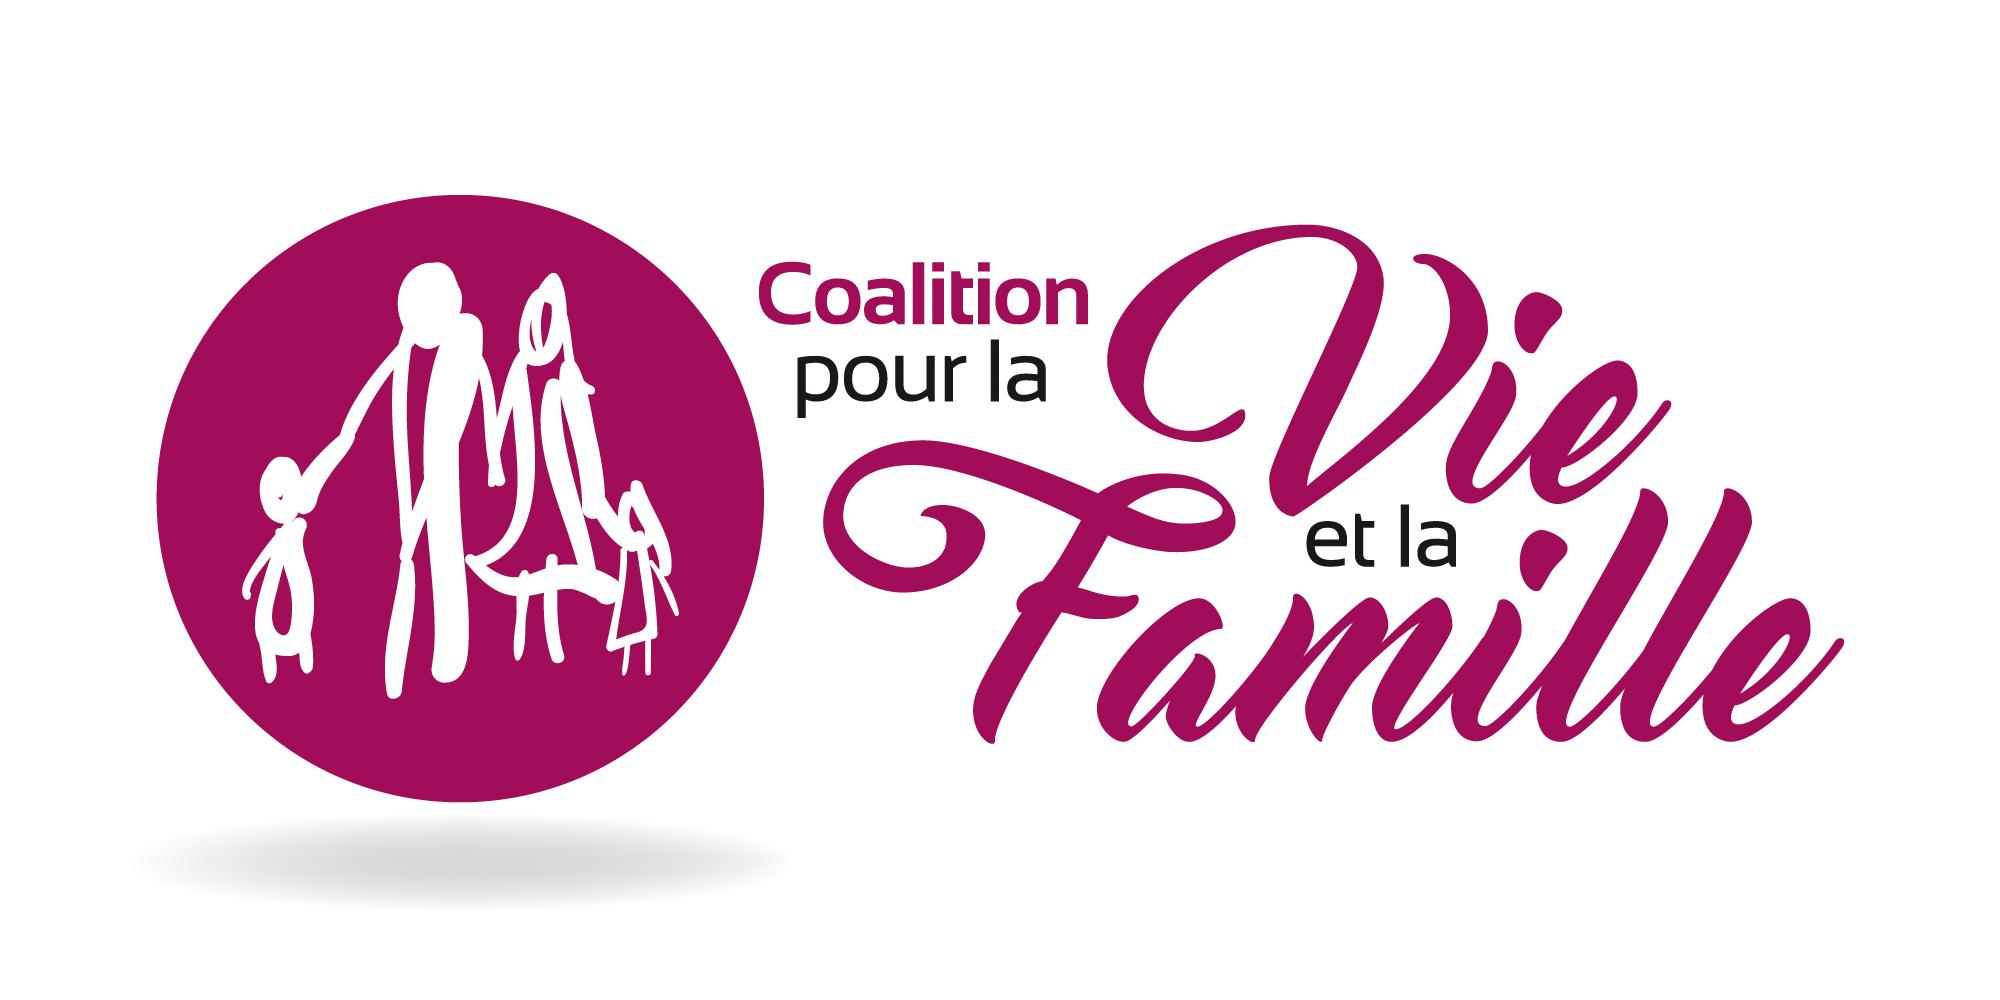 Alain Escada : «La Coalition pour la Vie et la Famille veut batailler jusque dans l'antre des politiques mortifères»